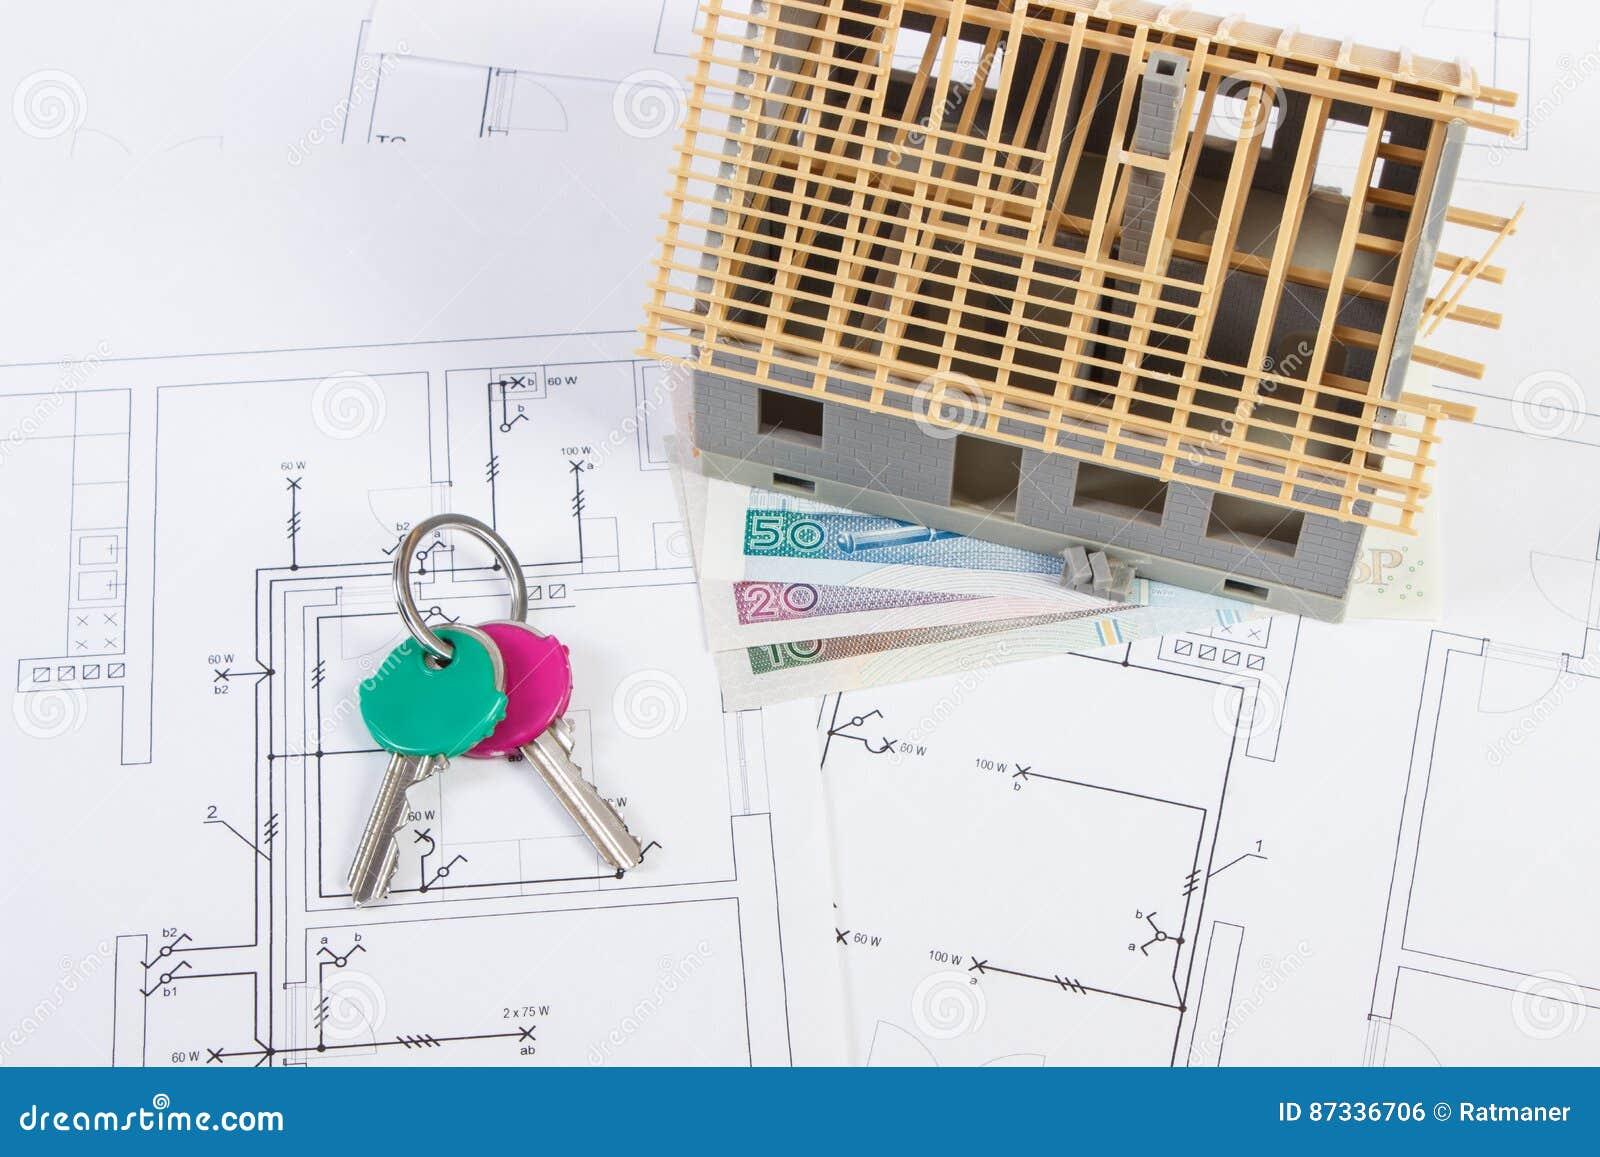 Groß Elektrische Verkabelung Eines Hauses Diagramme Fotos - Die ...